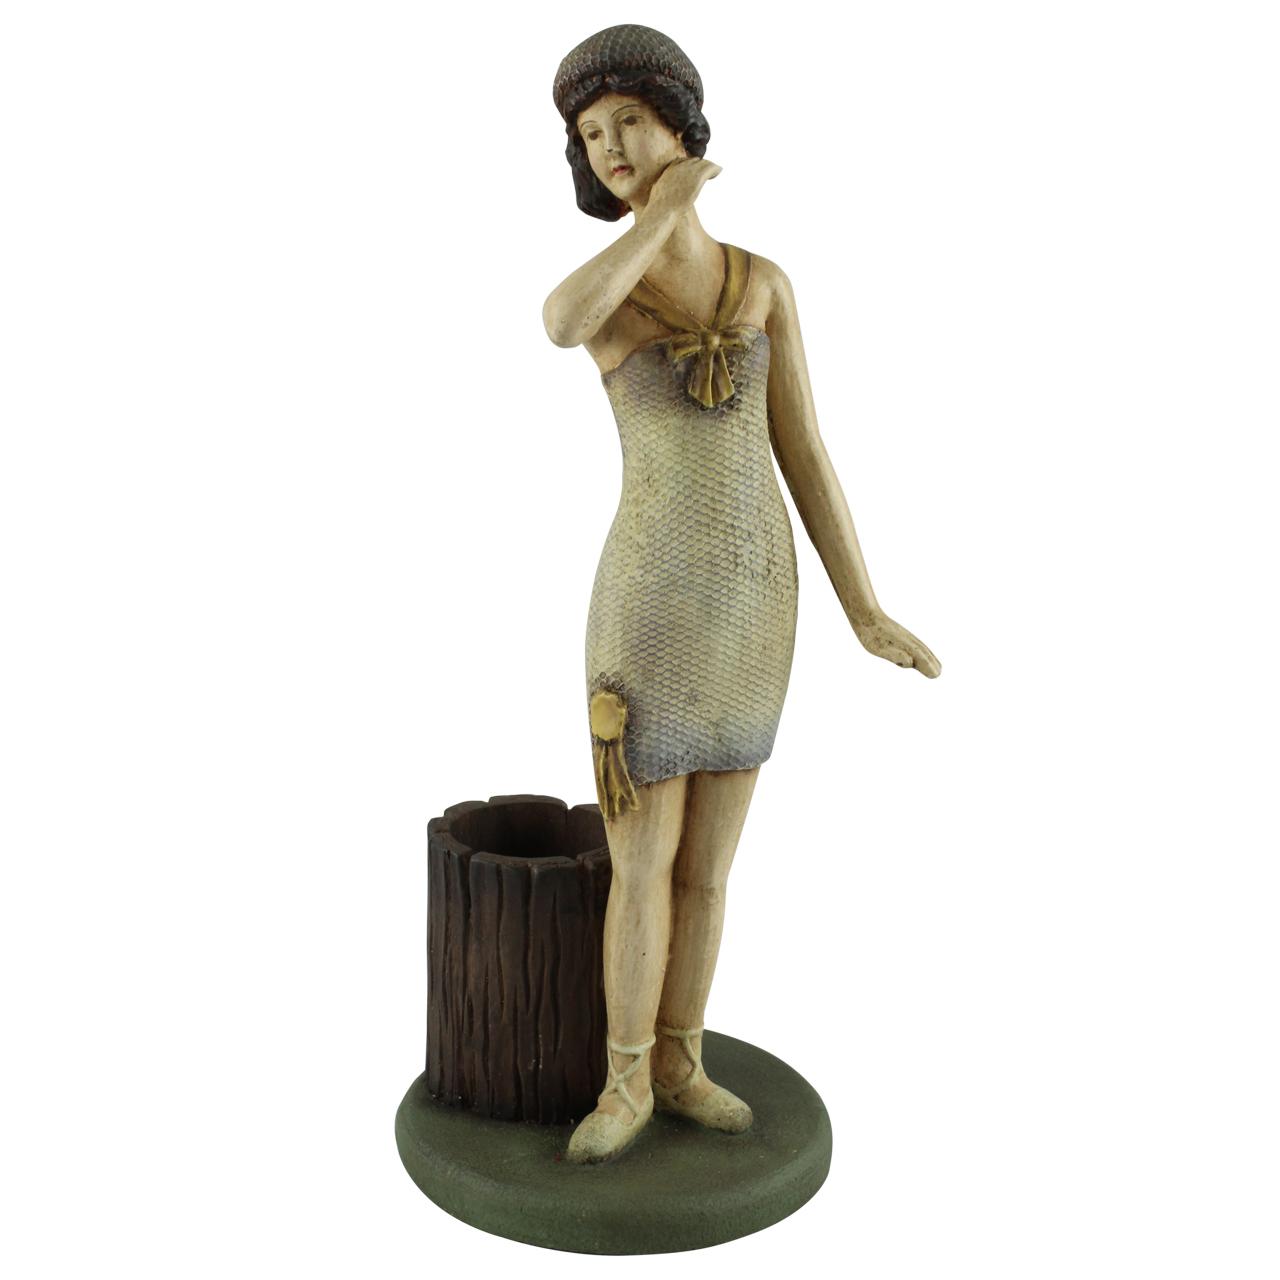 Statueta Madame Din Ceramica Tratata Cu Rasina Bej